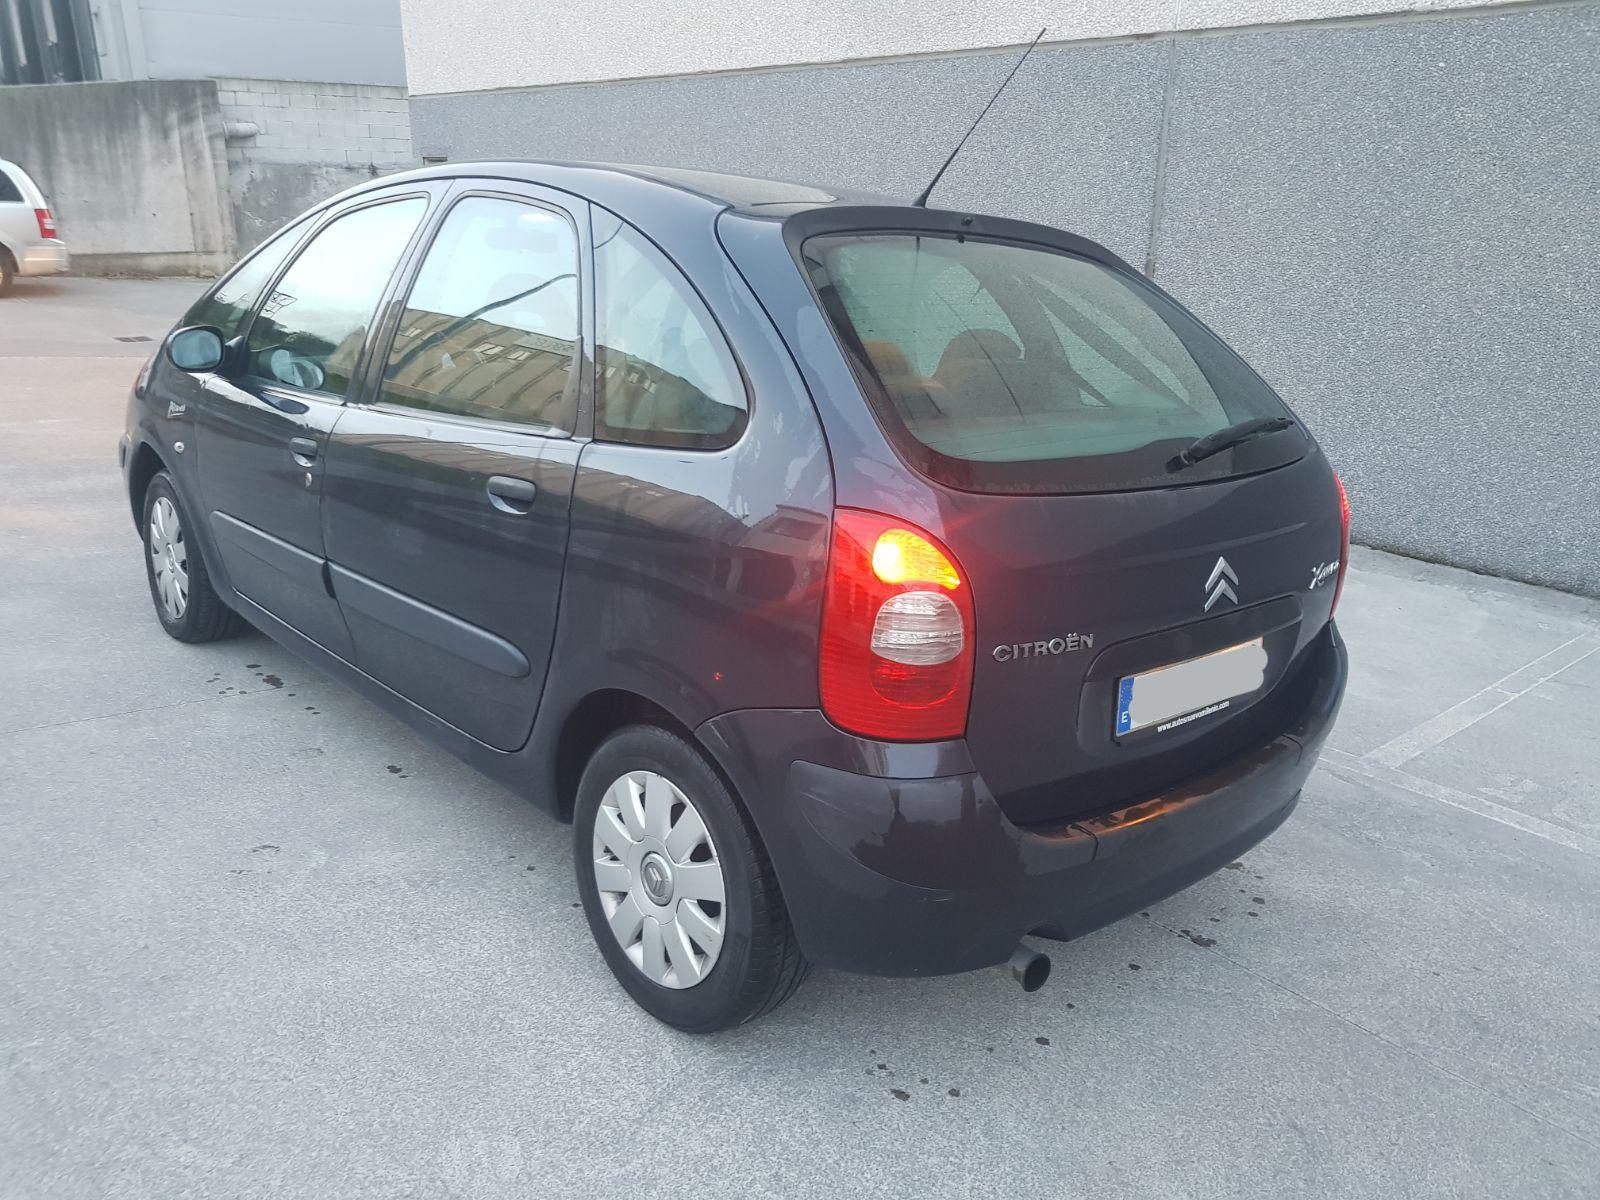 Venta de vehículos de todas las marcas en Bilbao